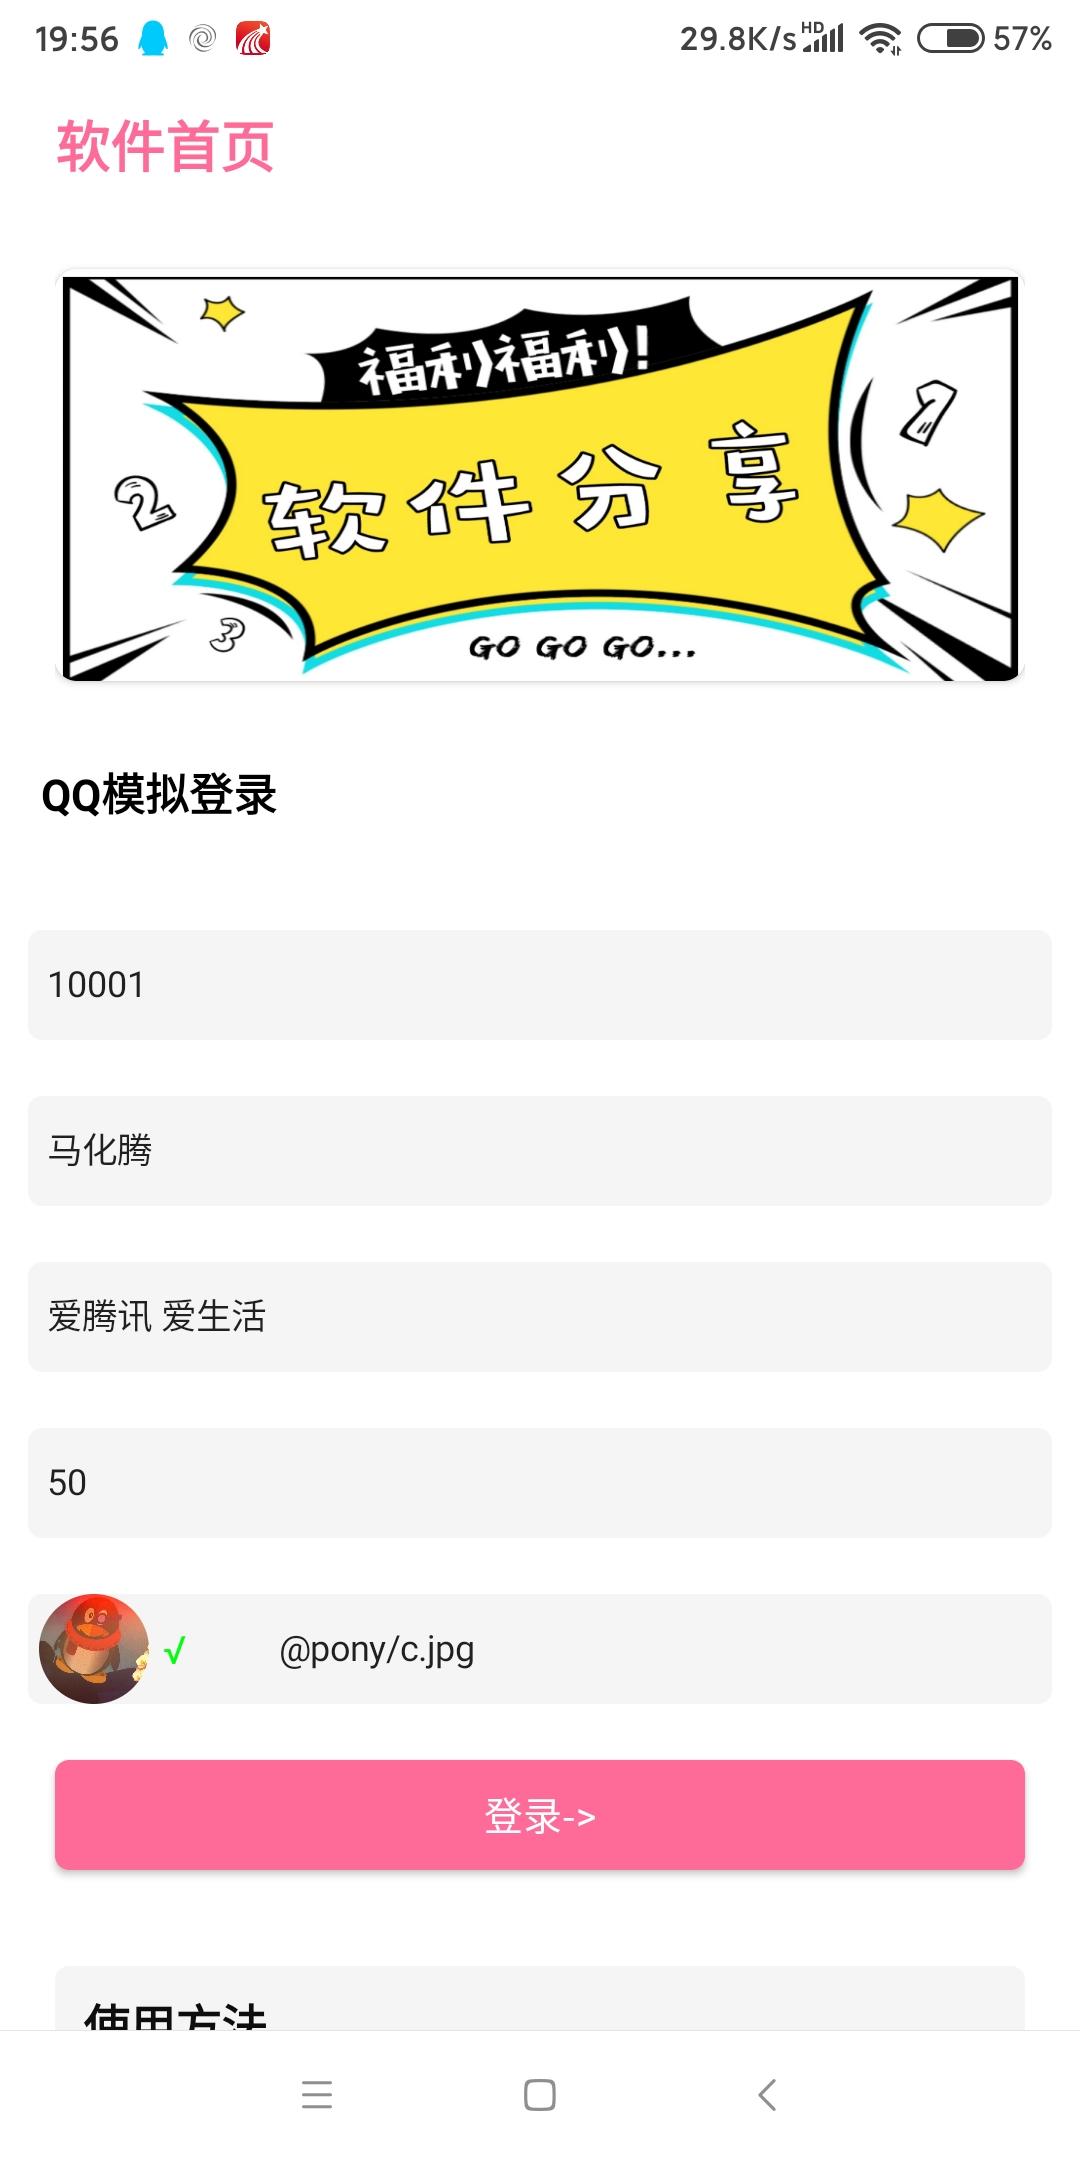 【分享】QQ模拟登入  任何QQ都可以模拟